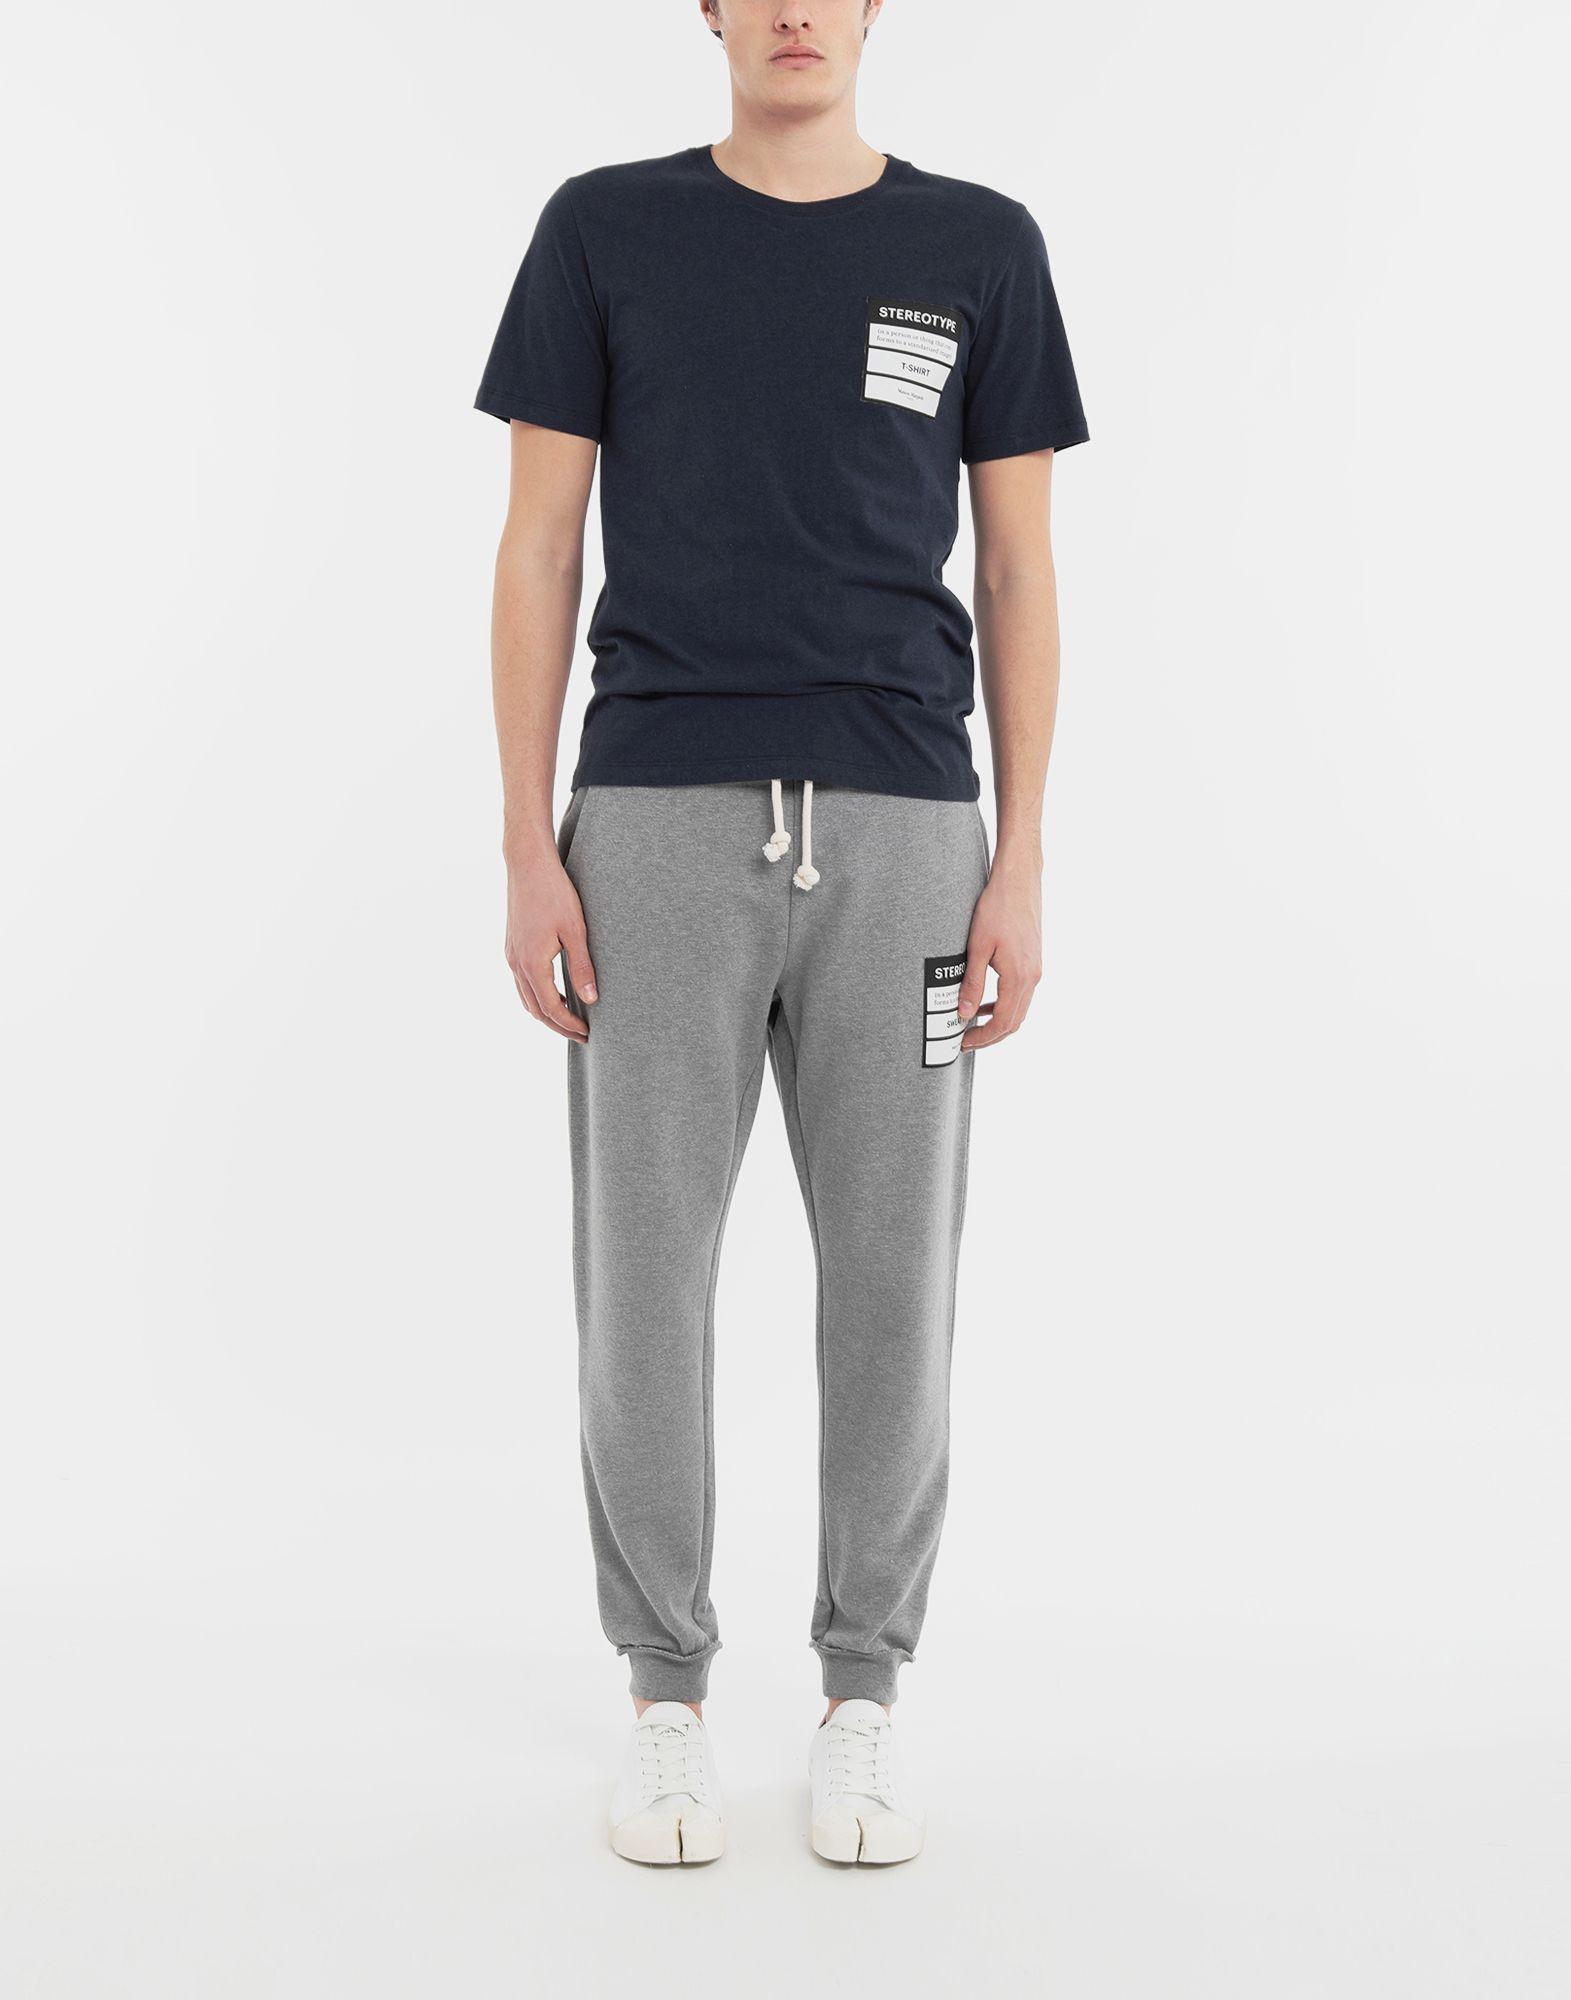 MAISON MARGIELA Pantalon de jogging Stereotype Pantalon Homme d